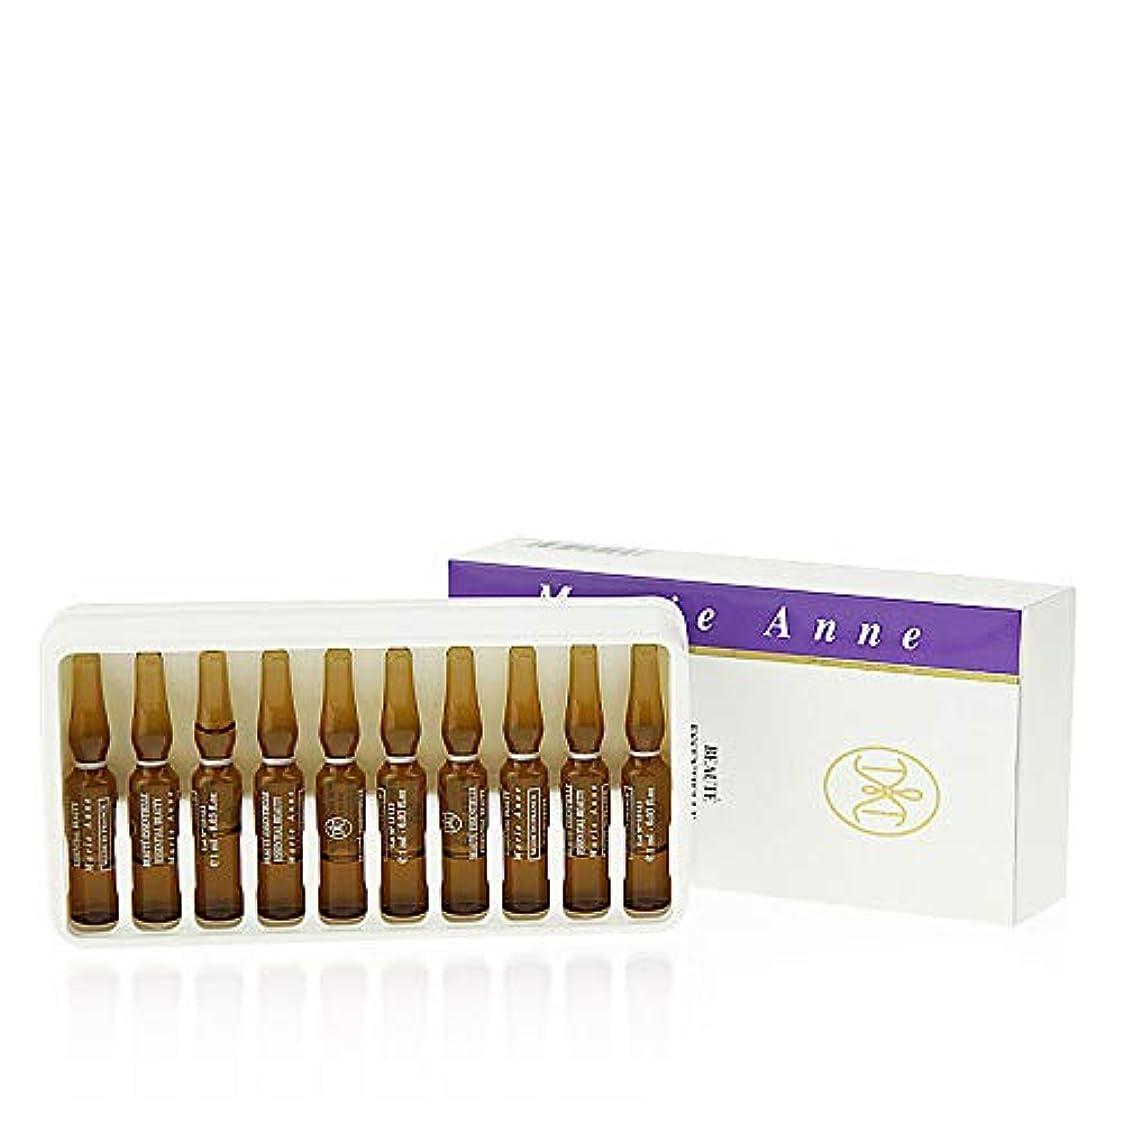 債務者楽しむスタジオ【法国製 フランス製 】マリーアン アンプルール Marie Anne Essential Beauty Ampoule Serum Made in France 10x1ml